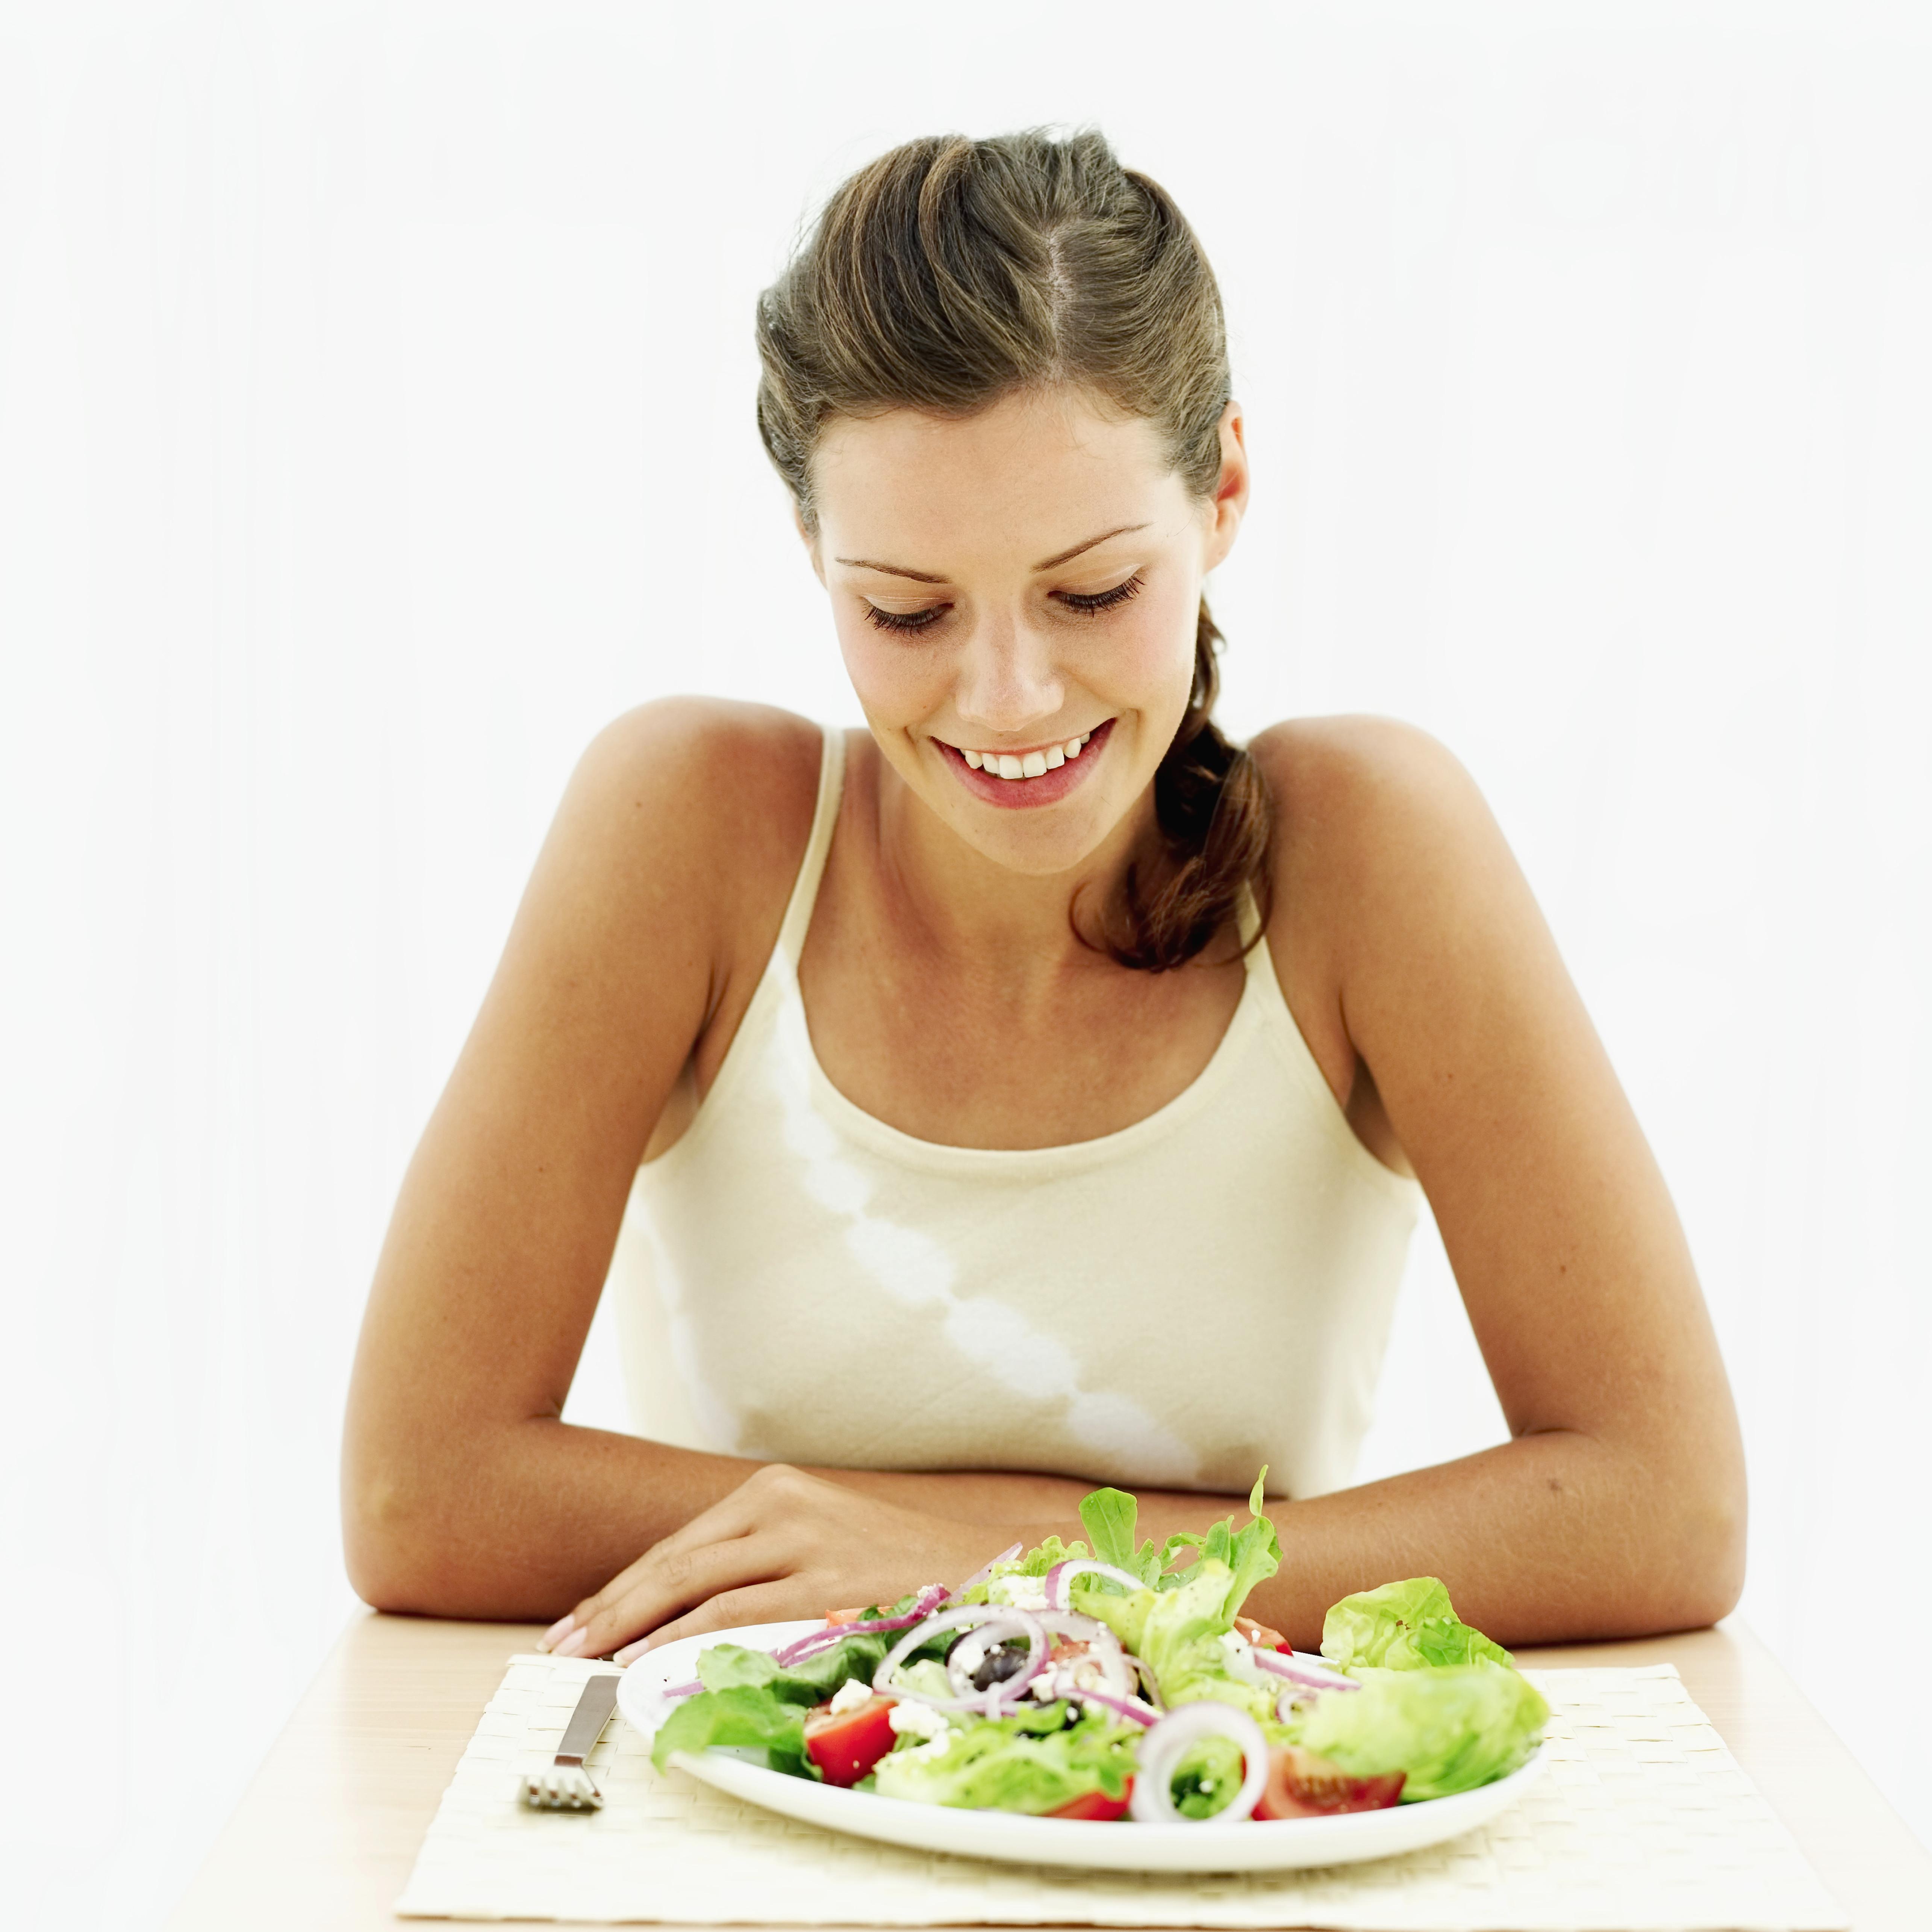 Программа упражнений в тренажерном зале для девушки для похудения